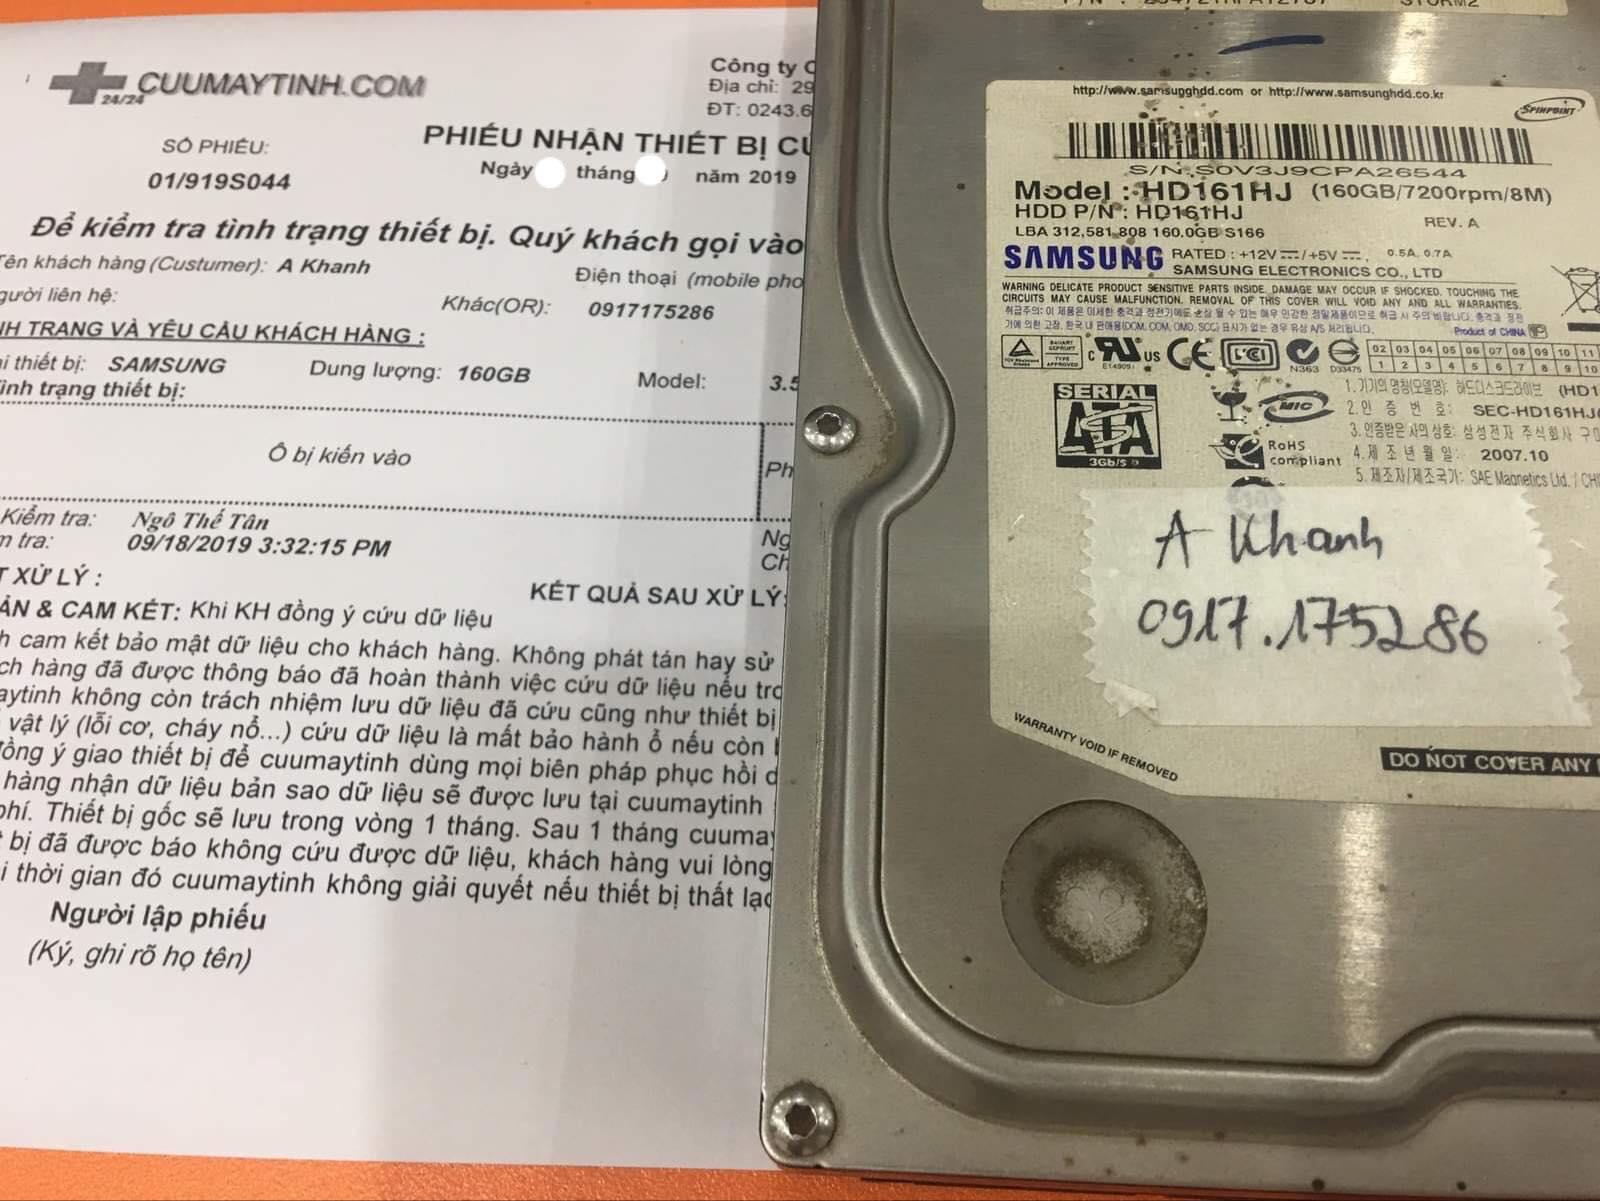 Khôi phục dữ liệu ổ cứng Samsung 160GB kiến vào 01/10/2019 - cuumaytinh